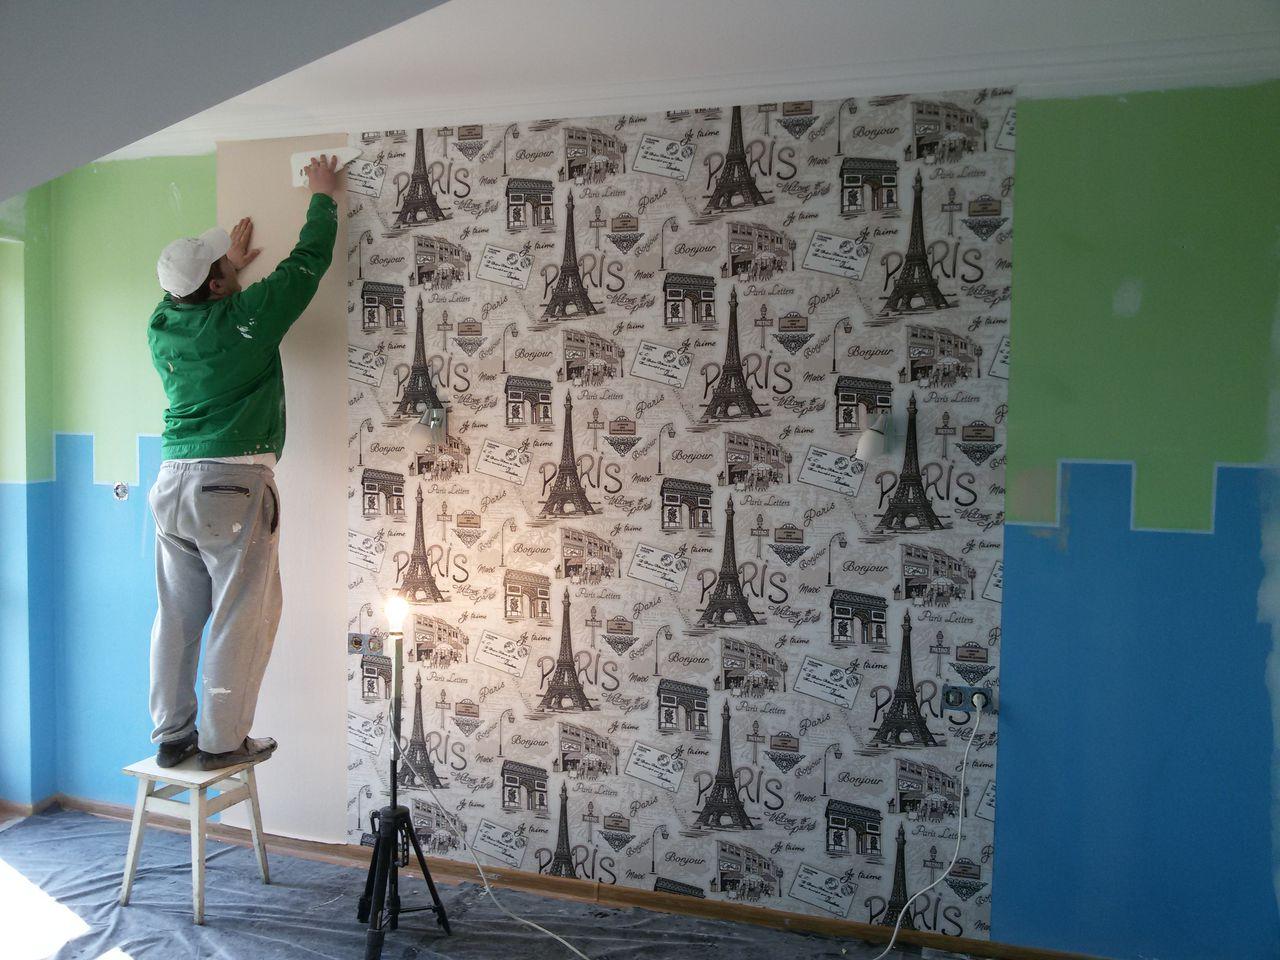 Как клеить фотообои на стену своими руками: пошаговые инструкции с фото и видео